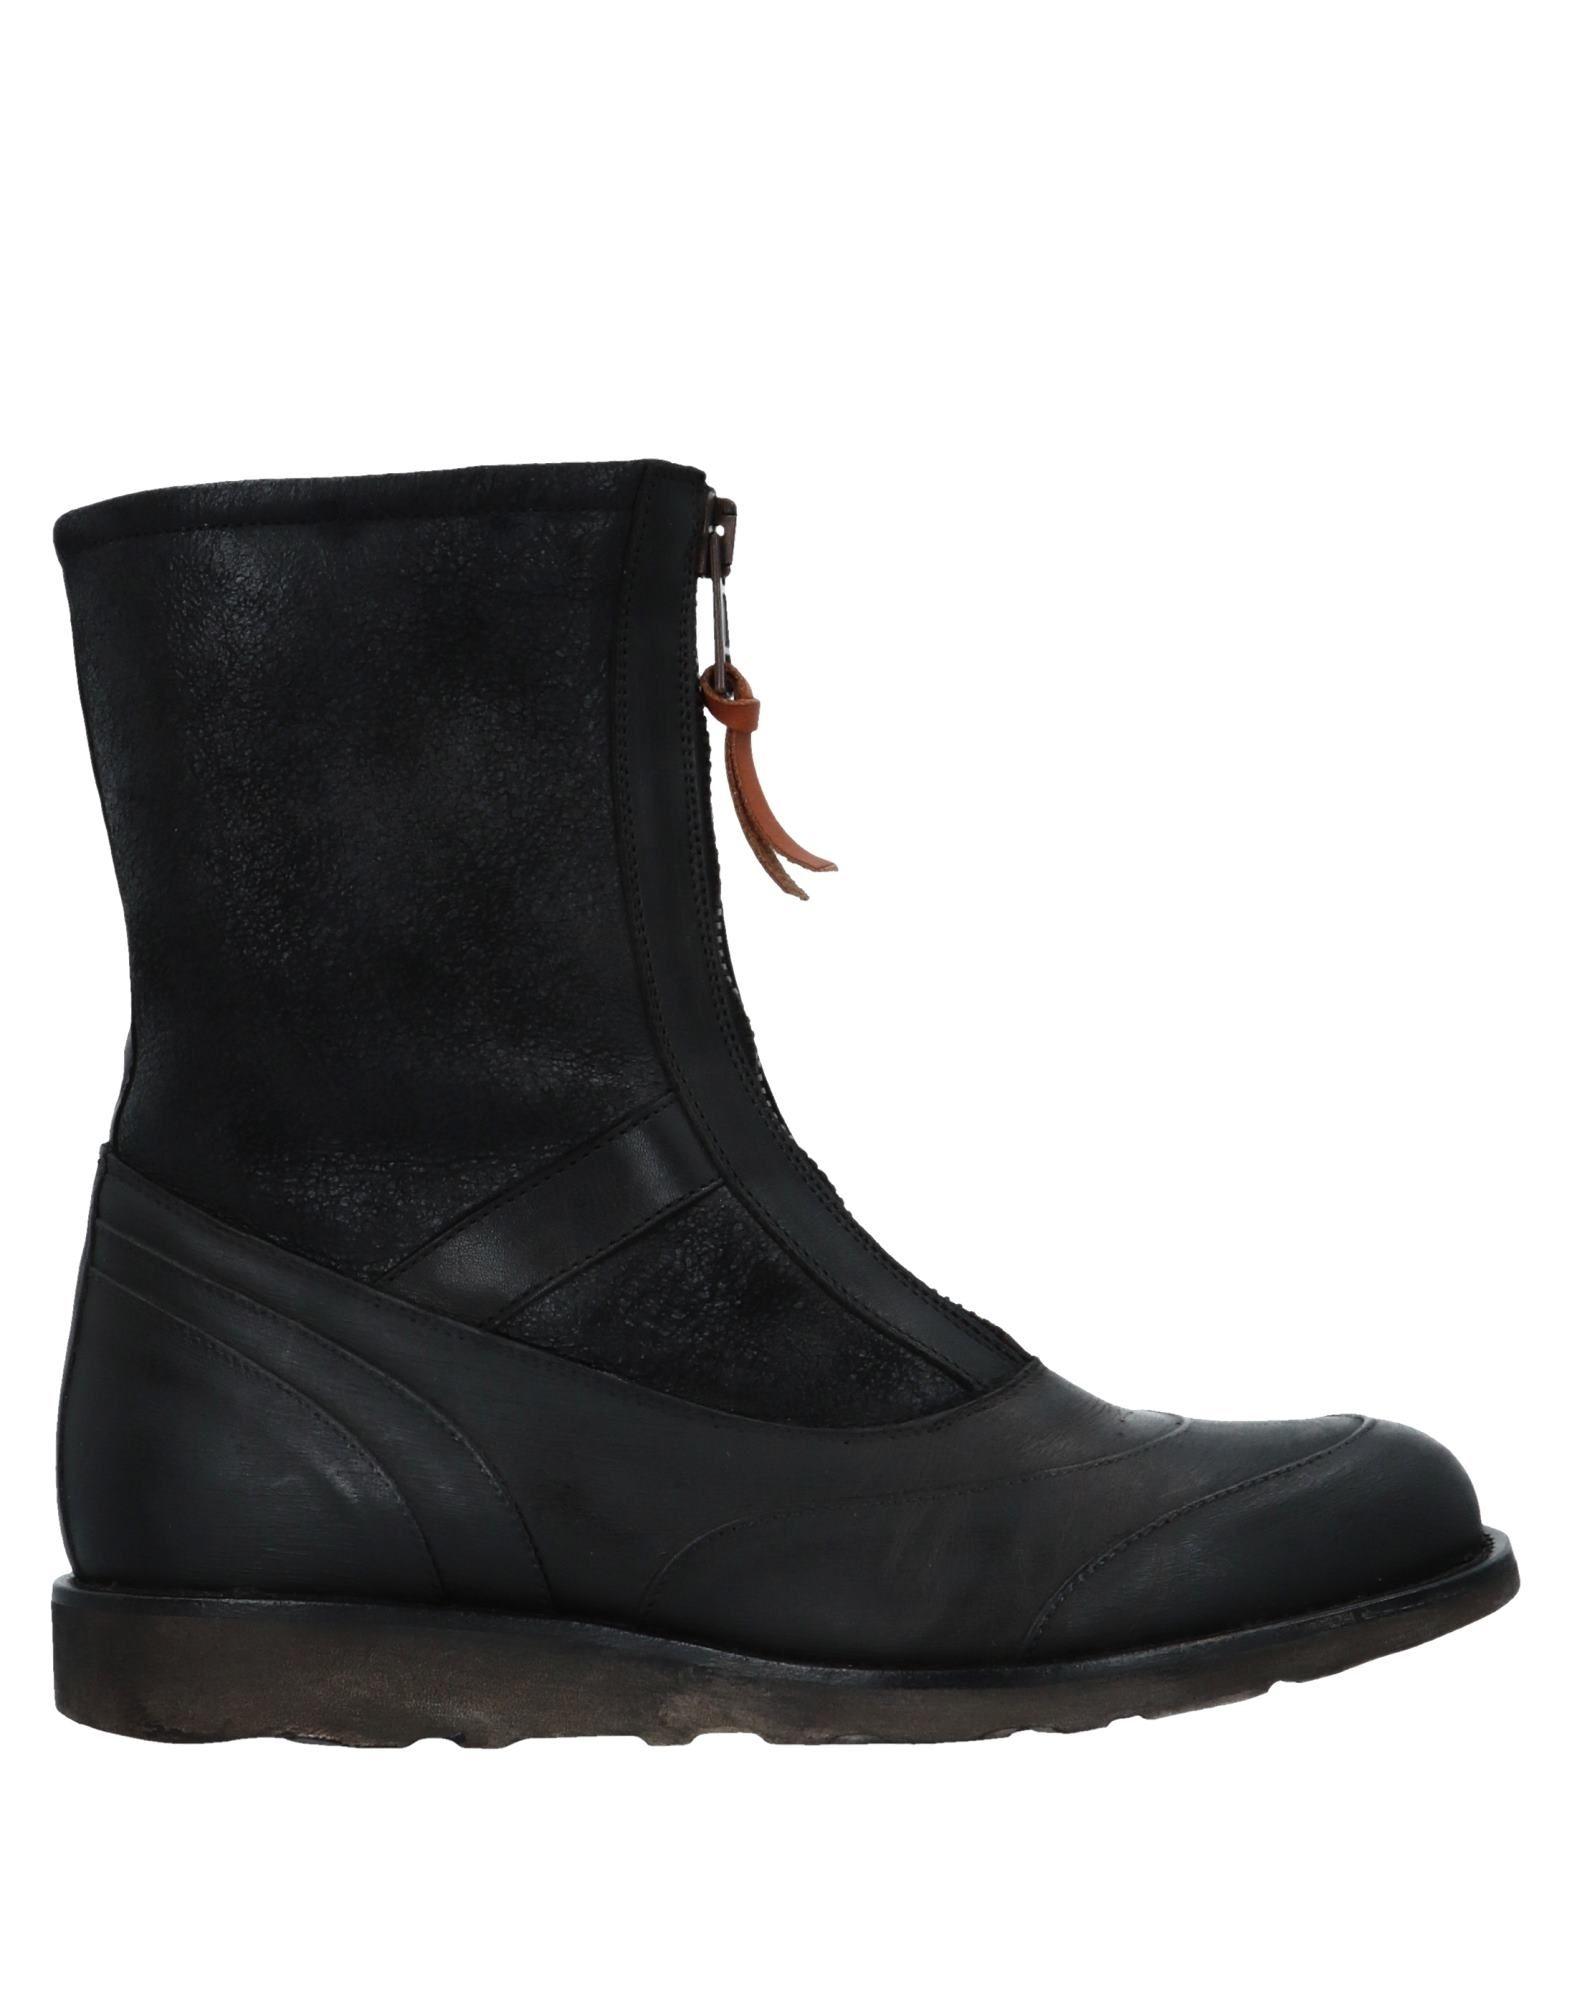 Maison Margiela Stiefelette Damen  11539876UBGünstige gut aussehende Schuhe